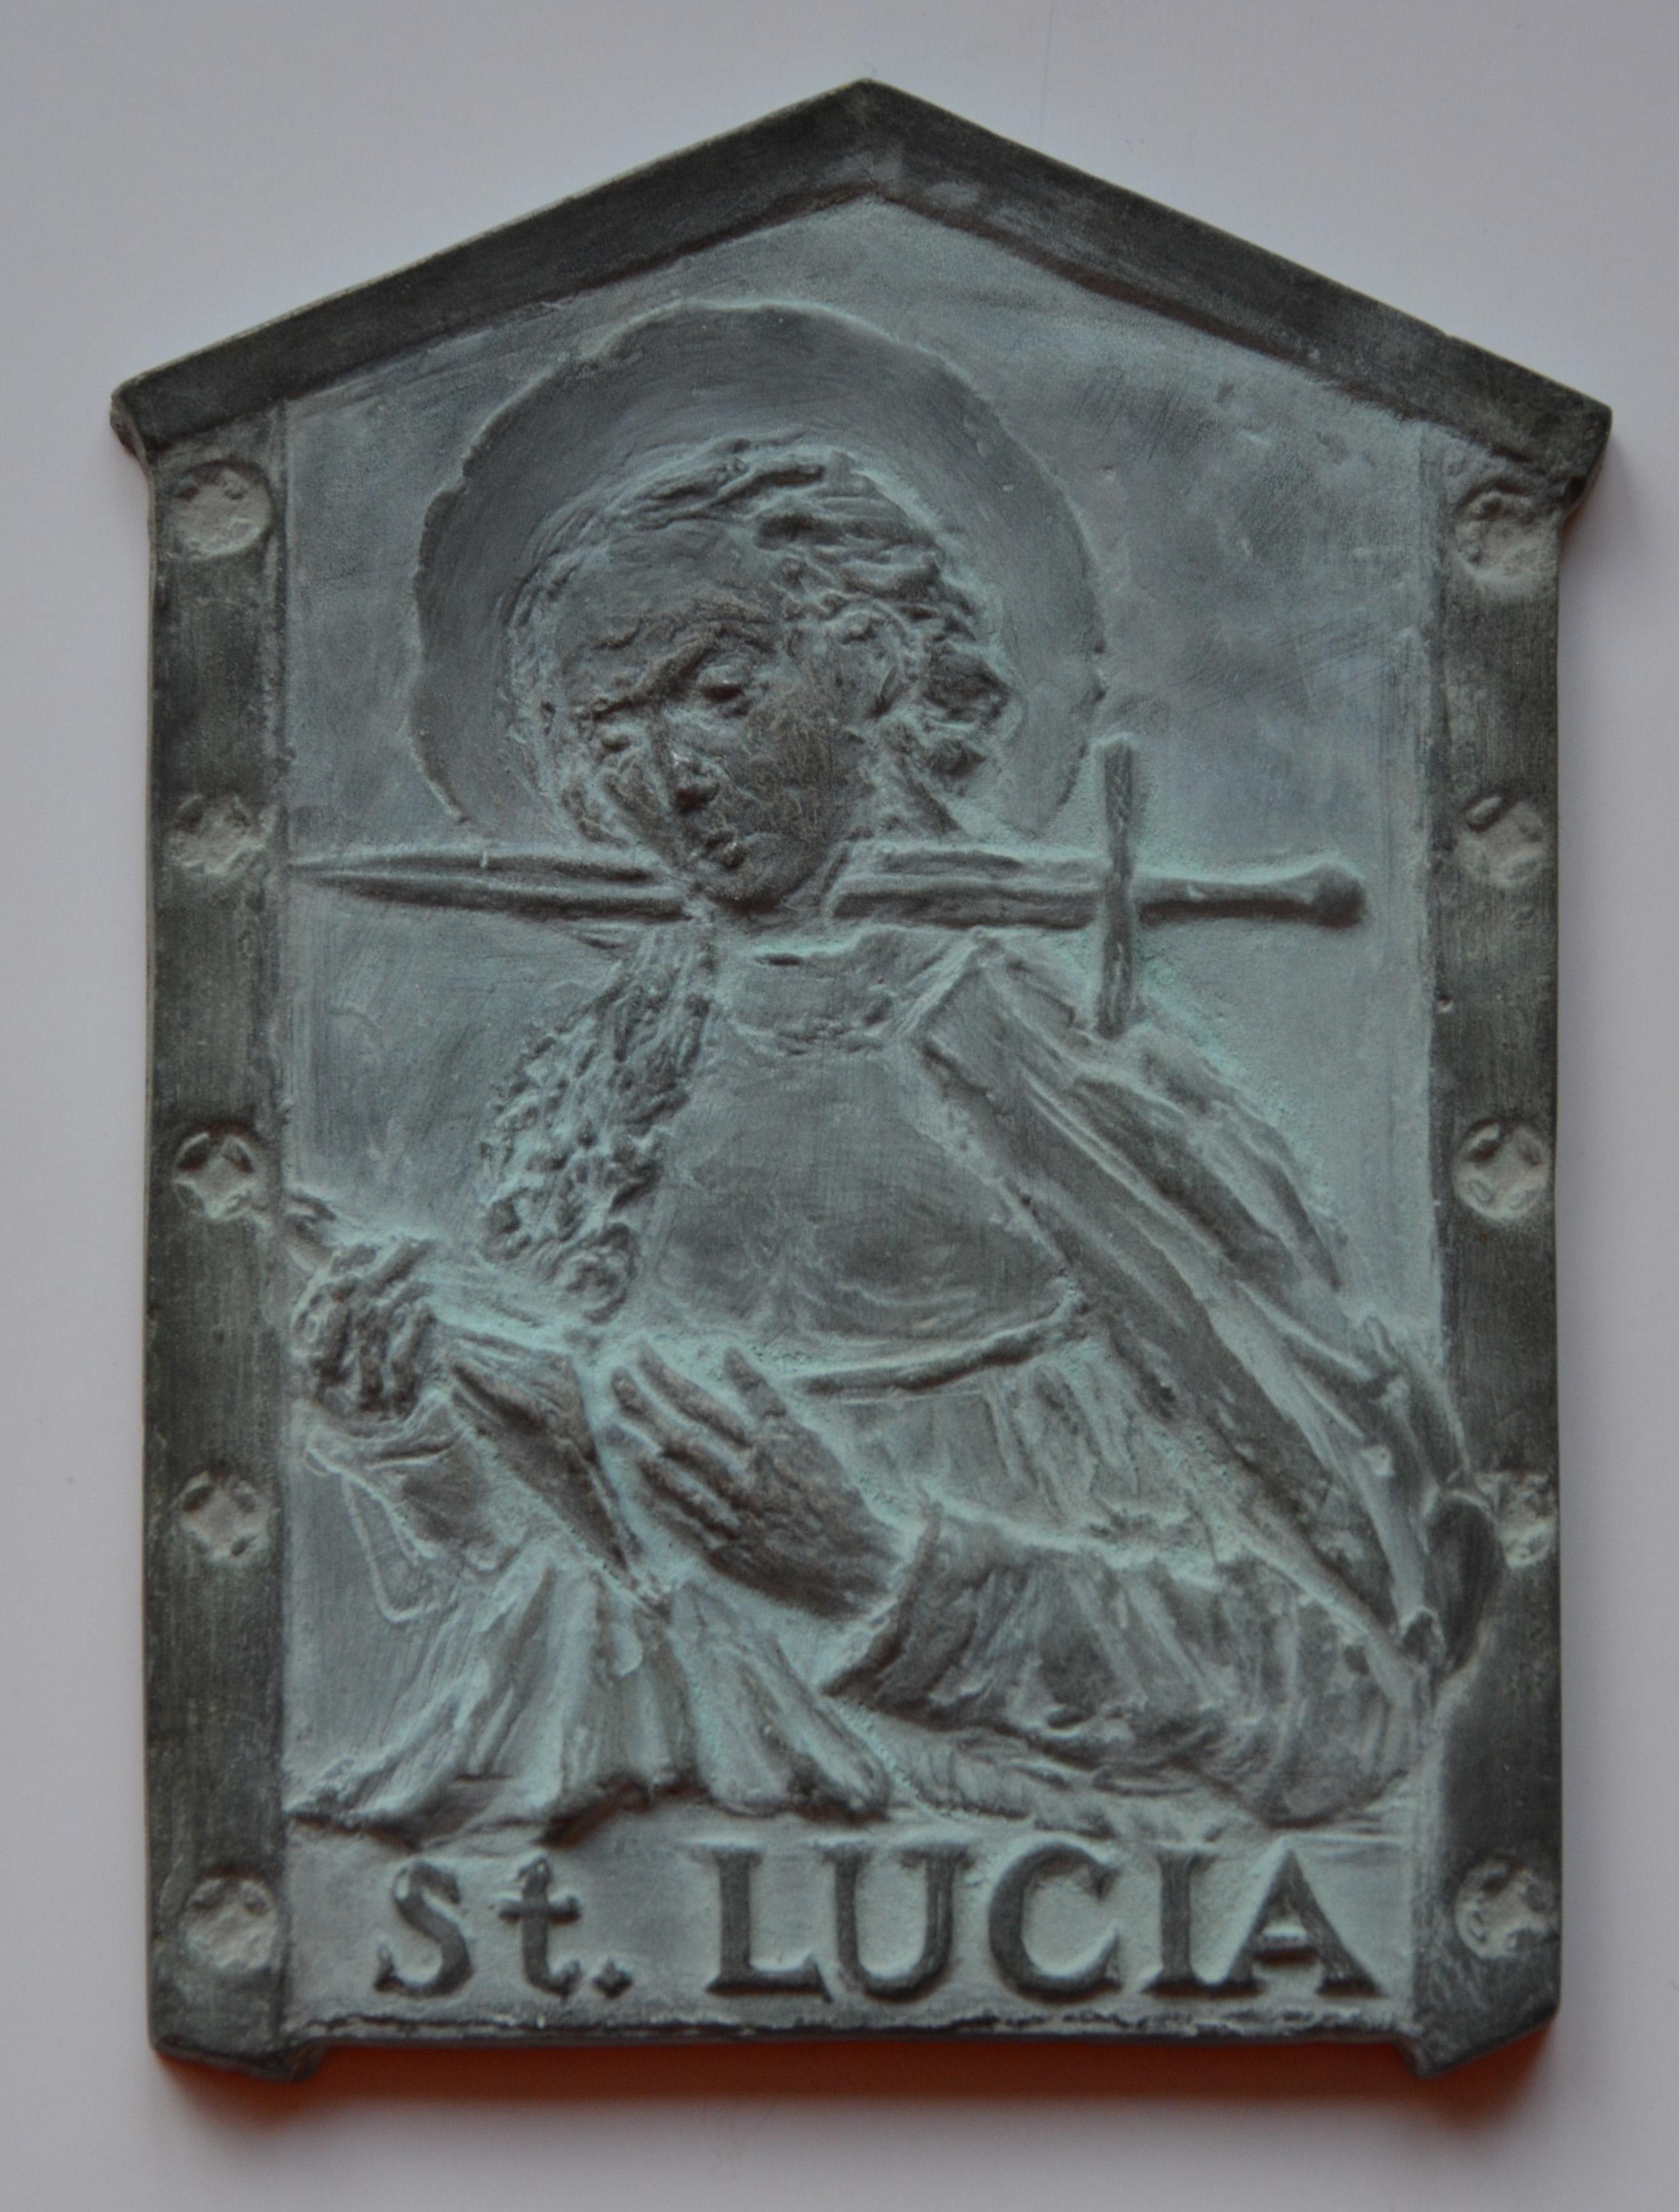 Z cyklu Legenda aurea - St. Lucia, cynk, 8,5 x 12 cm, 2016